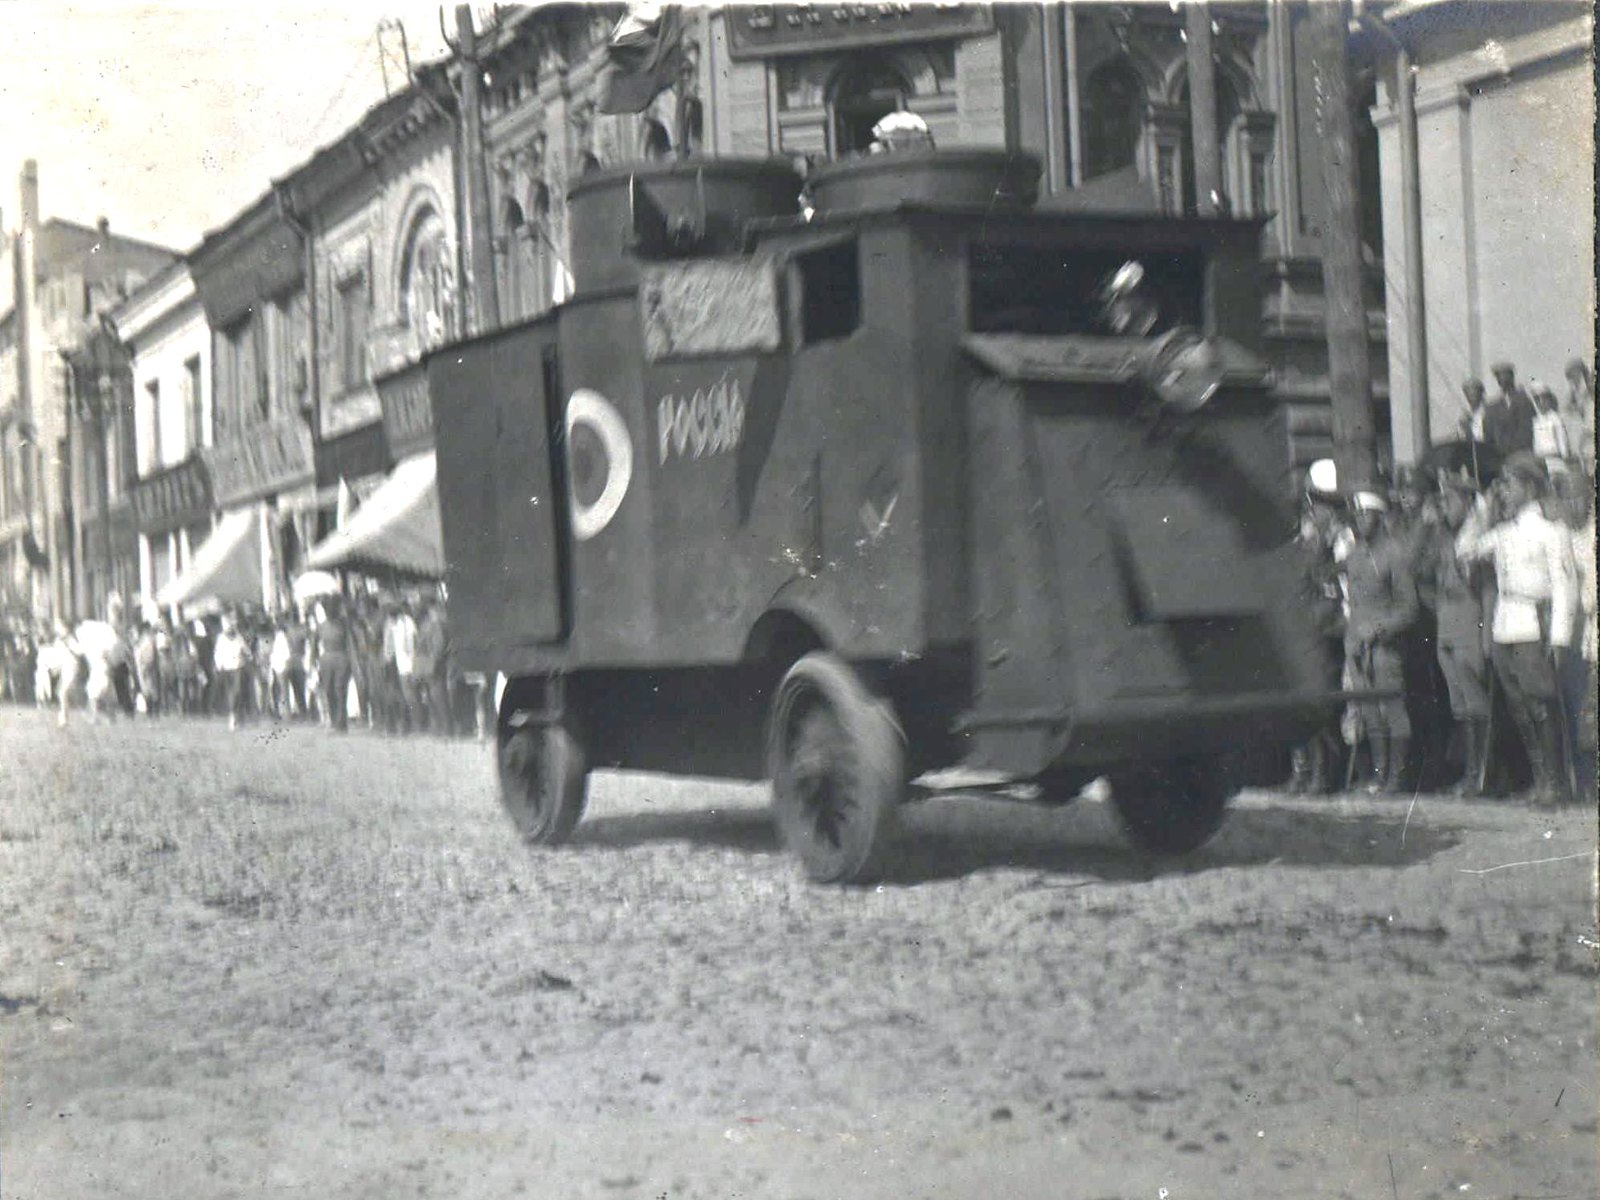 158. 1919. Чествование генерала Кутепова в Харькове